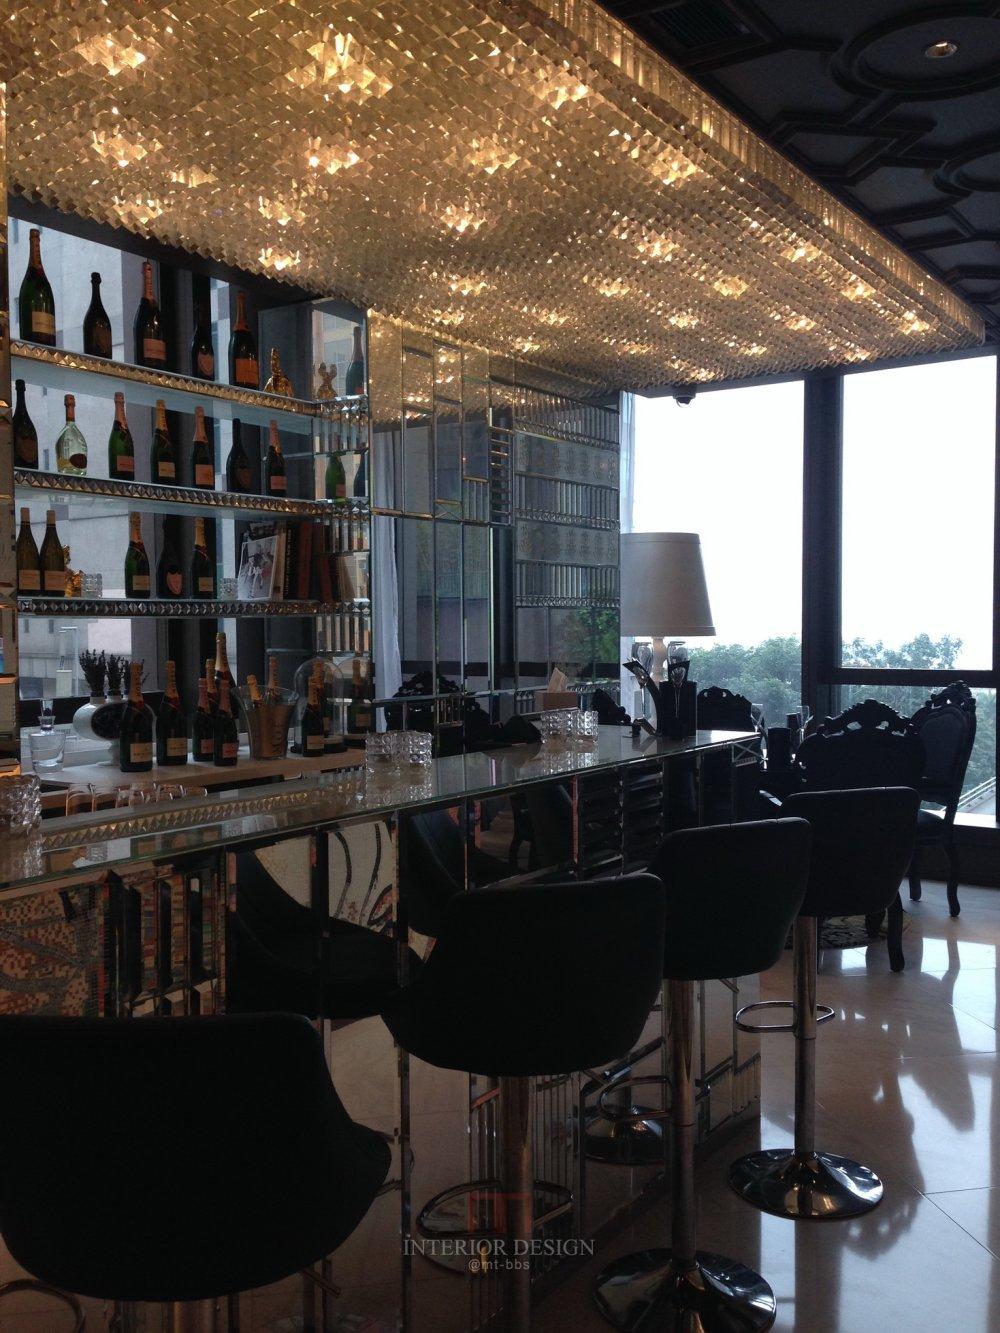 香港湾仔美丽华精品酒店Mira Moon Hotel  自拍分享_IMG_4135.JPG